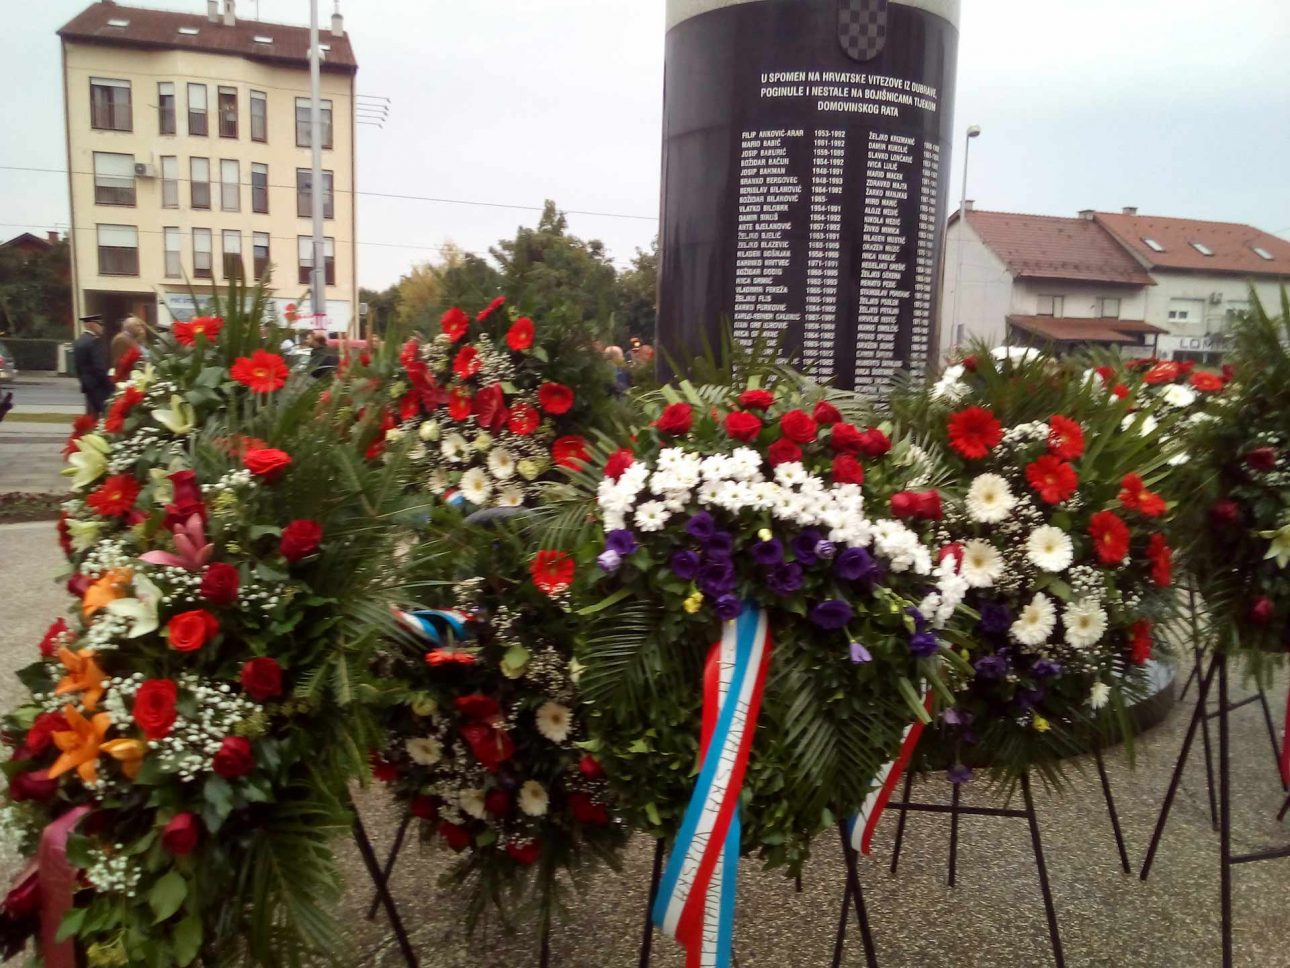 spomenik poginulim braniteljima 145. brigade